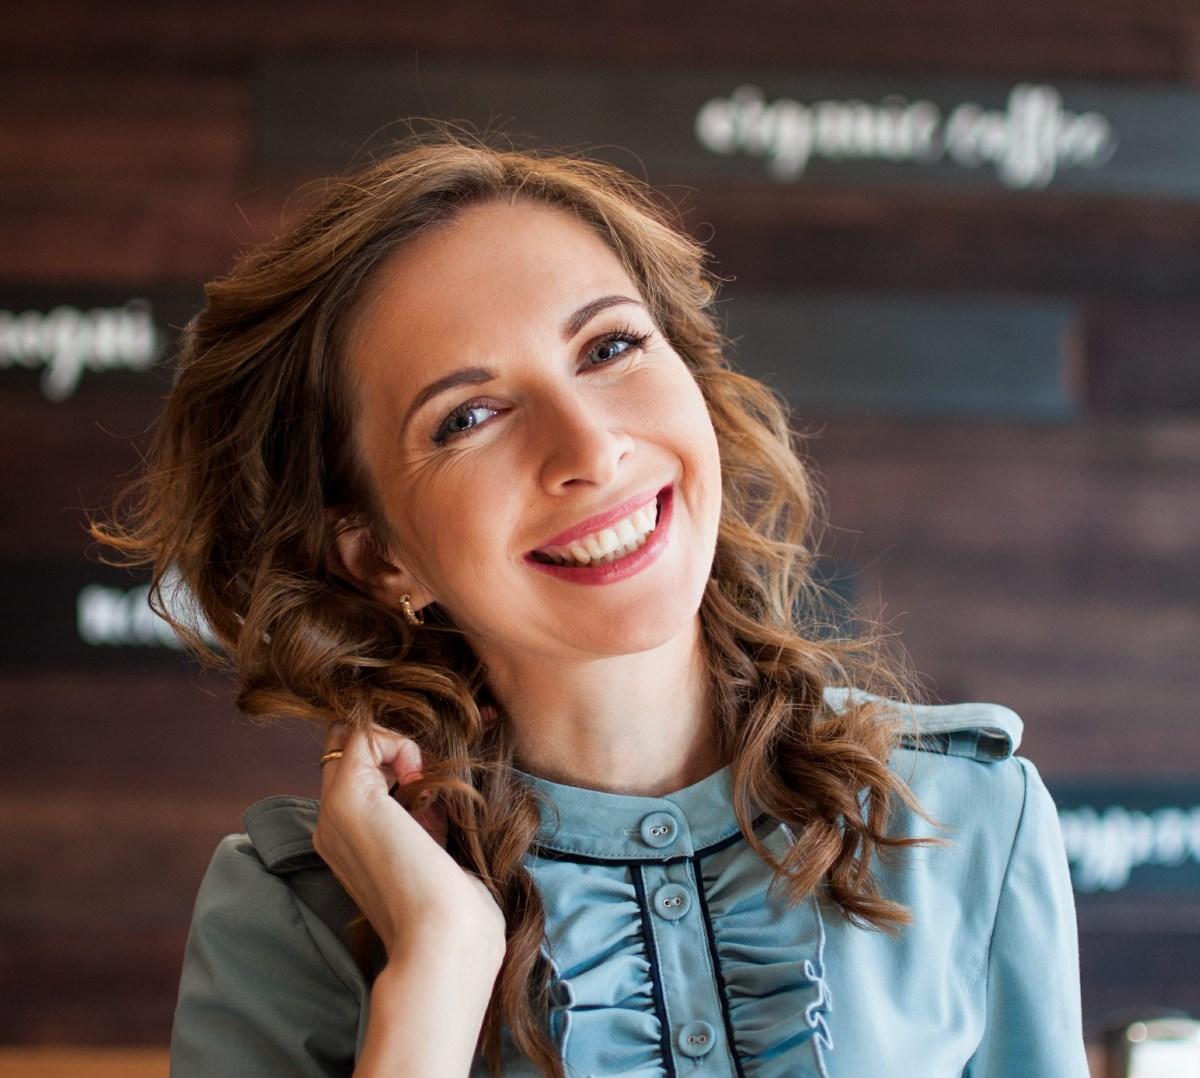 Александра Нестеренко: «Школа научила не обманывать. Для меня теперь лгать — преступление»